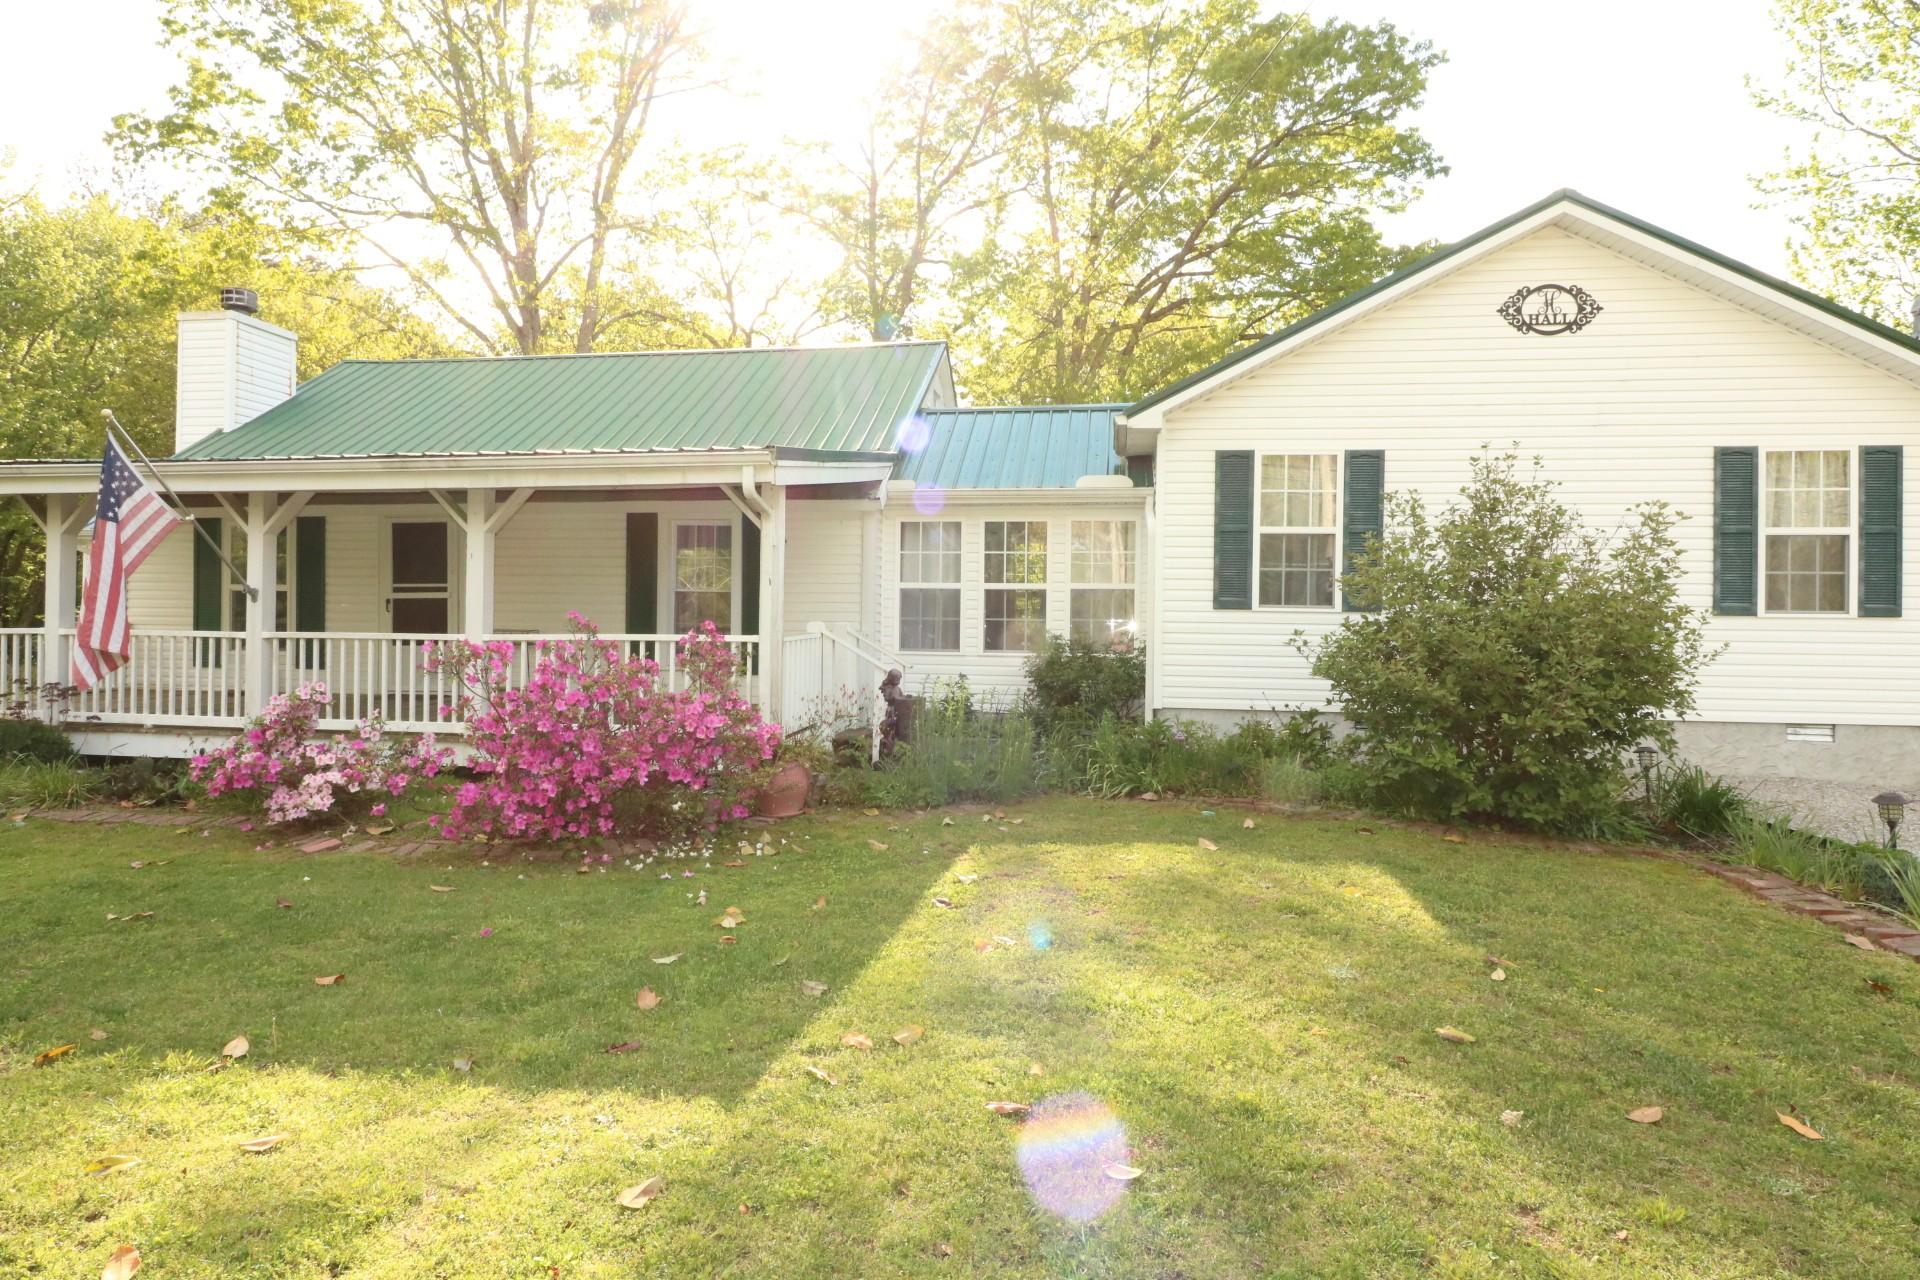 18737 Sr 56 N Property Photo - Beersheba Springs, TN real estate listing